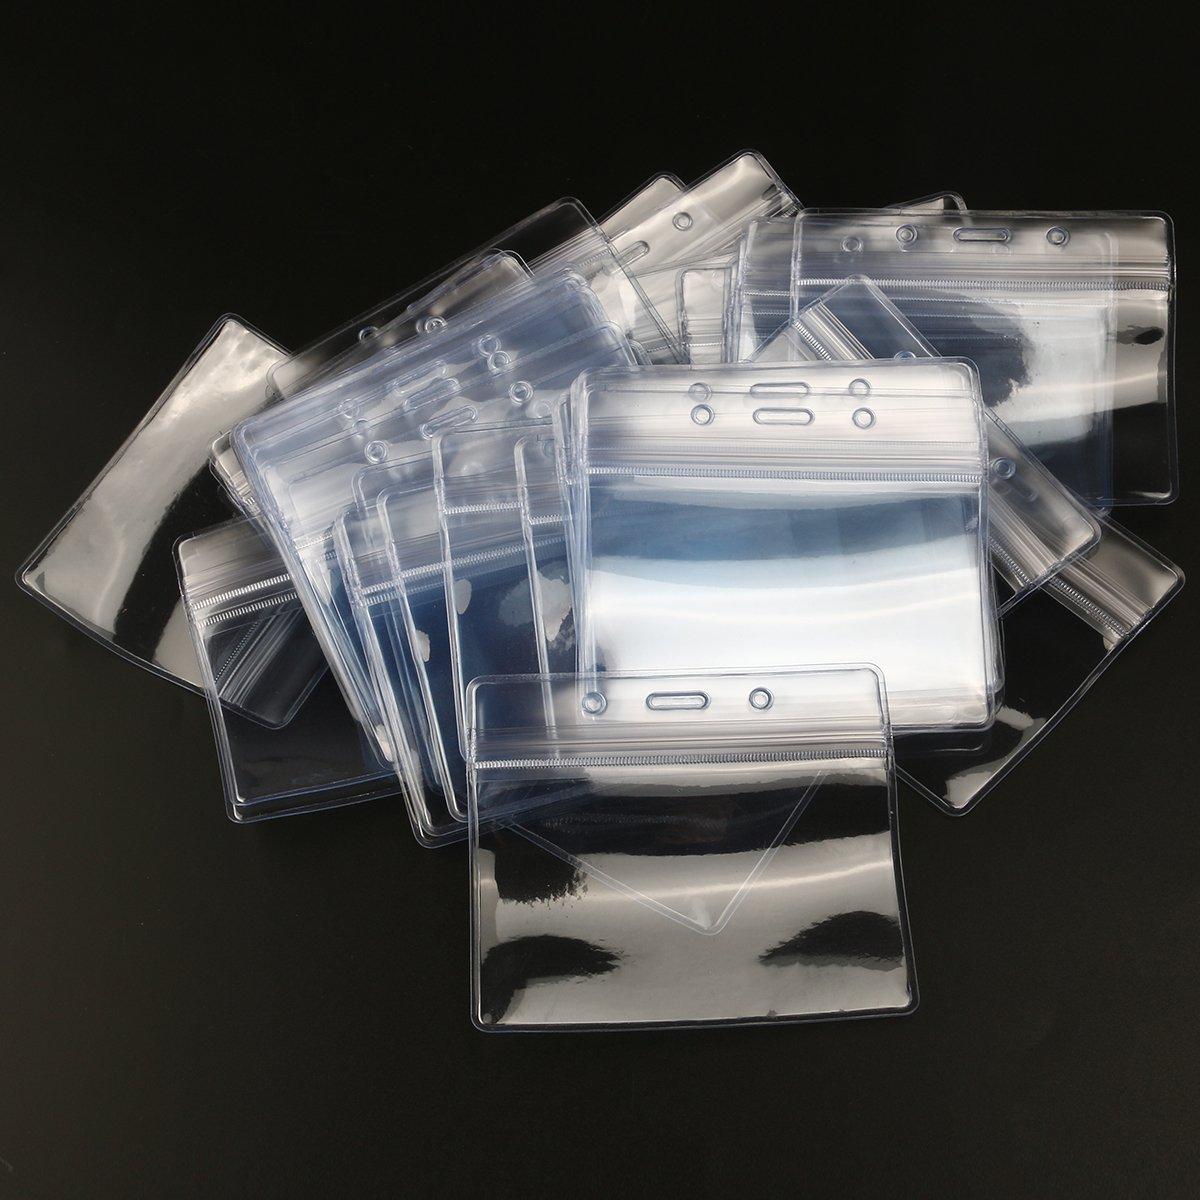 100 pezzi porta tesserino porta targhetta e distintivo in plastica impermeabile formato orizzontale LEORX Porta documento